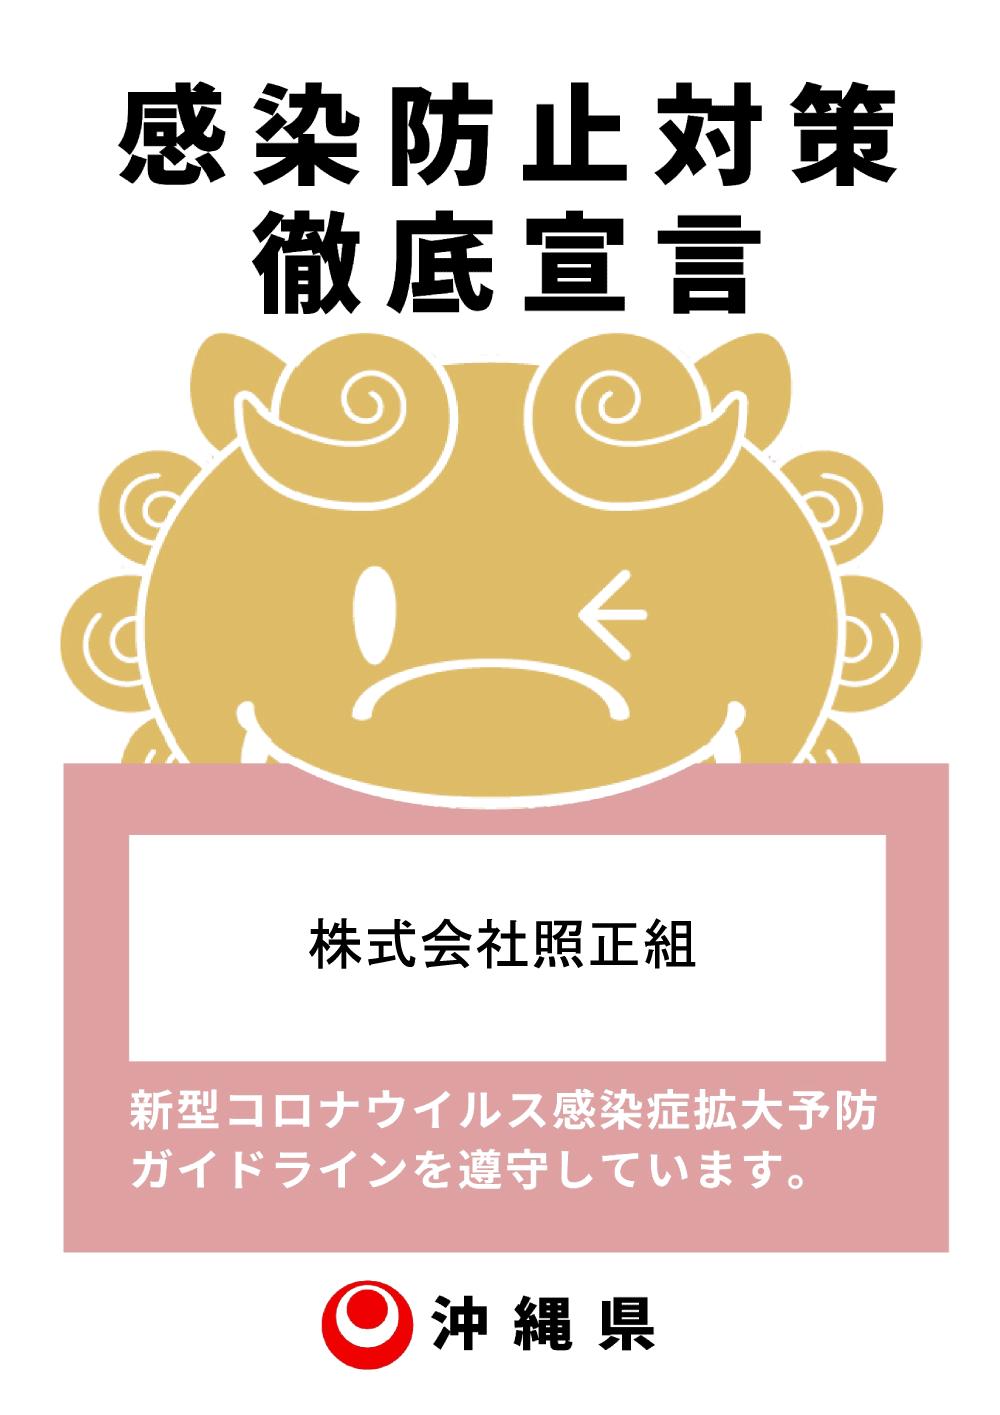 県 コロナ 沖縄